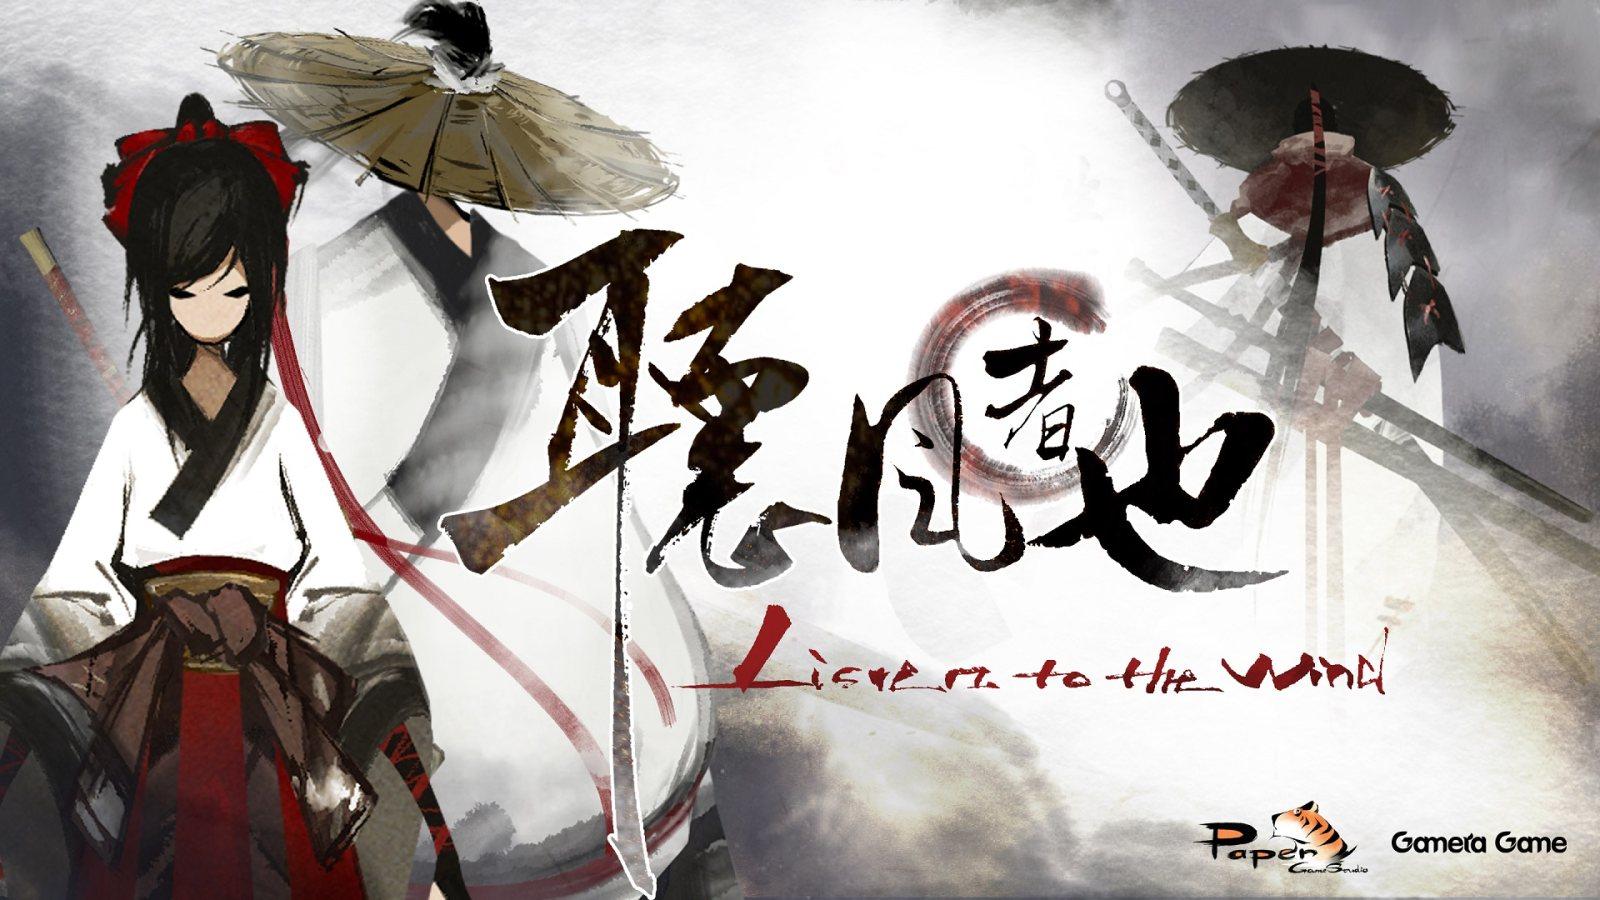 抗倭武侠动作游戏《听风者也》现已在Steam发布试玩版